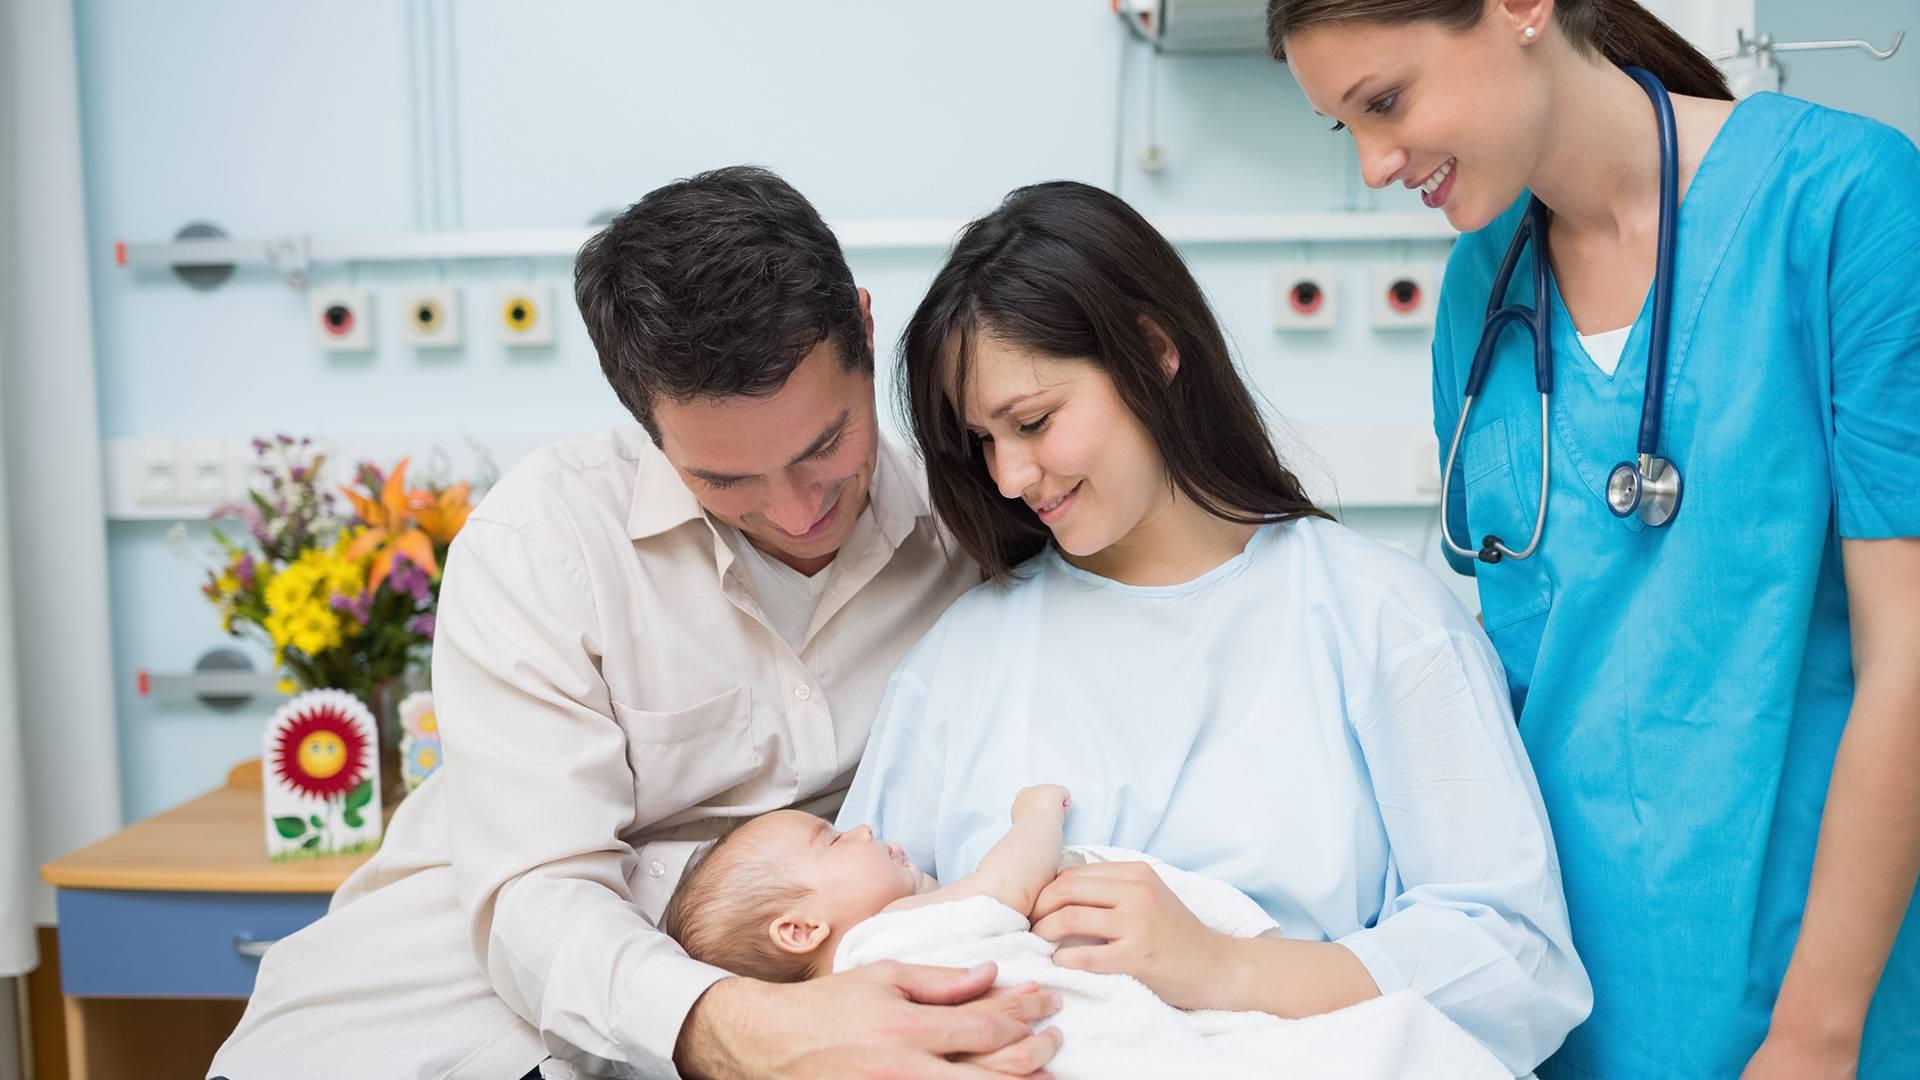 Роды в сша: цены, где рожать, плюсы и минусы - thailand-trip.org